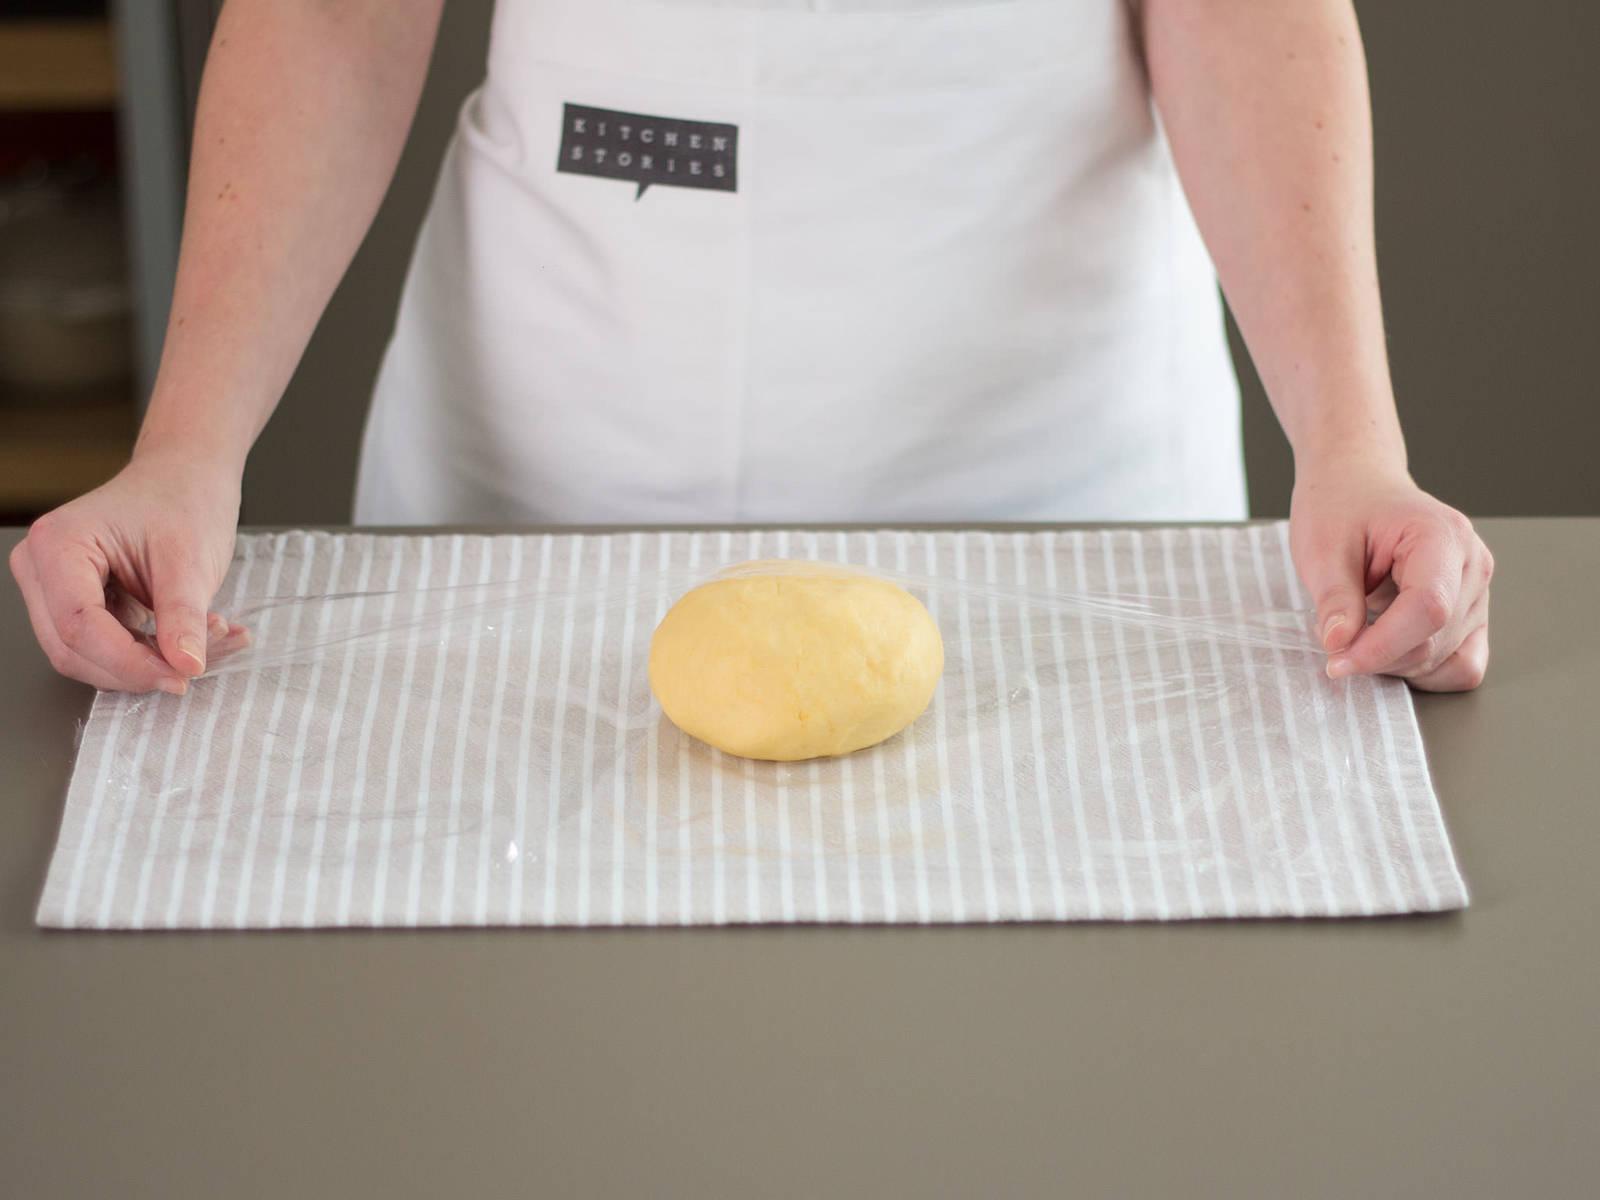 将面团用保鲜膜包裹好,放入冰箱,静置约 30 分钟。